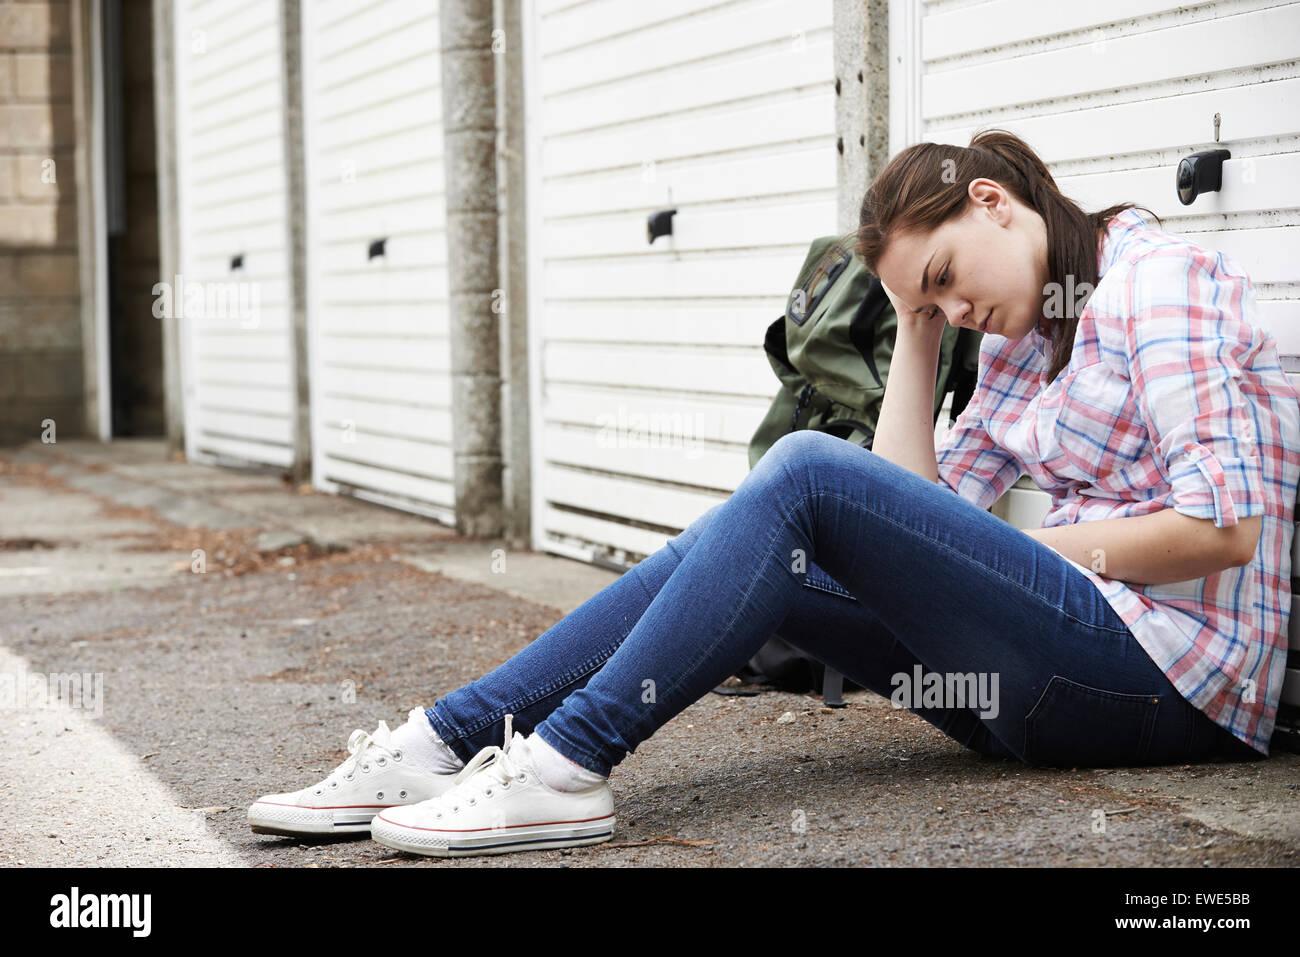 Adolescente sin hogar en las calles con la mochila Imagen De Stock